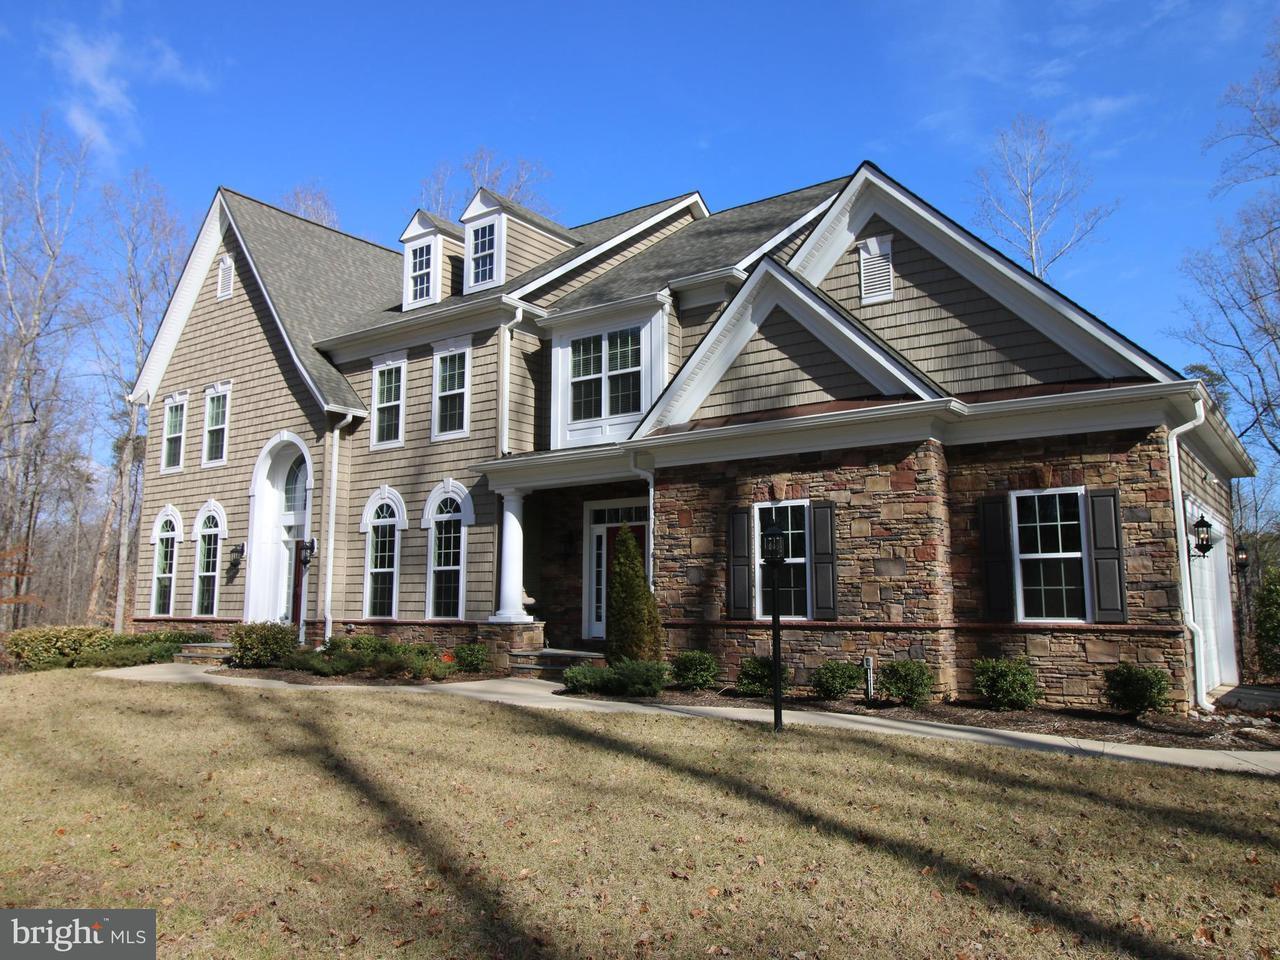 獨棟家庭住宅 為 出售 在 235 Twinleaf Drive 235 Twinleaf Drive Stafford, 弗吉尼亞州 22556 美國